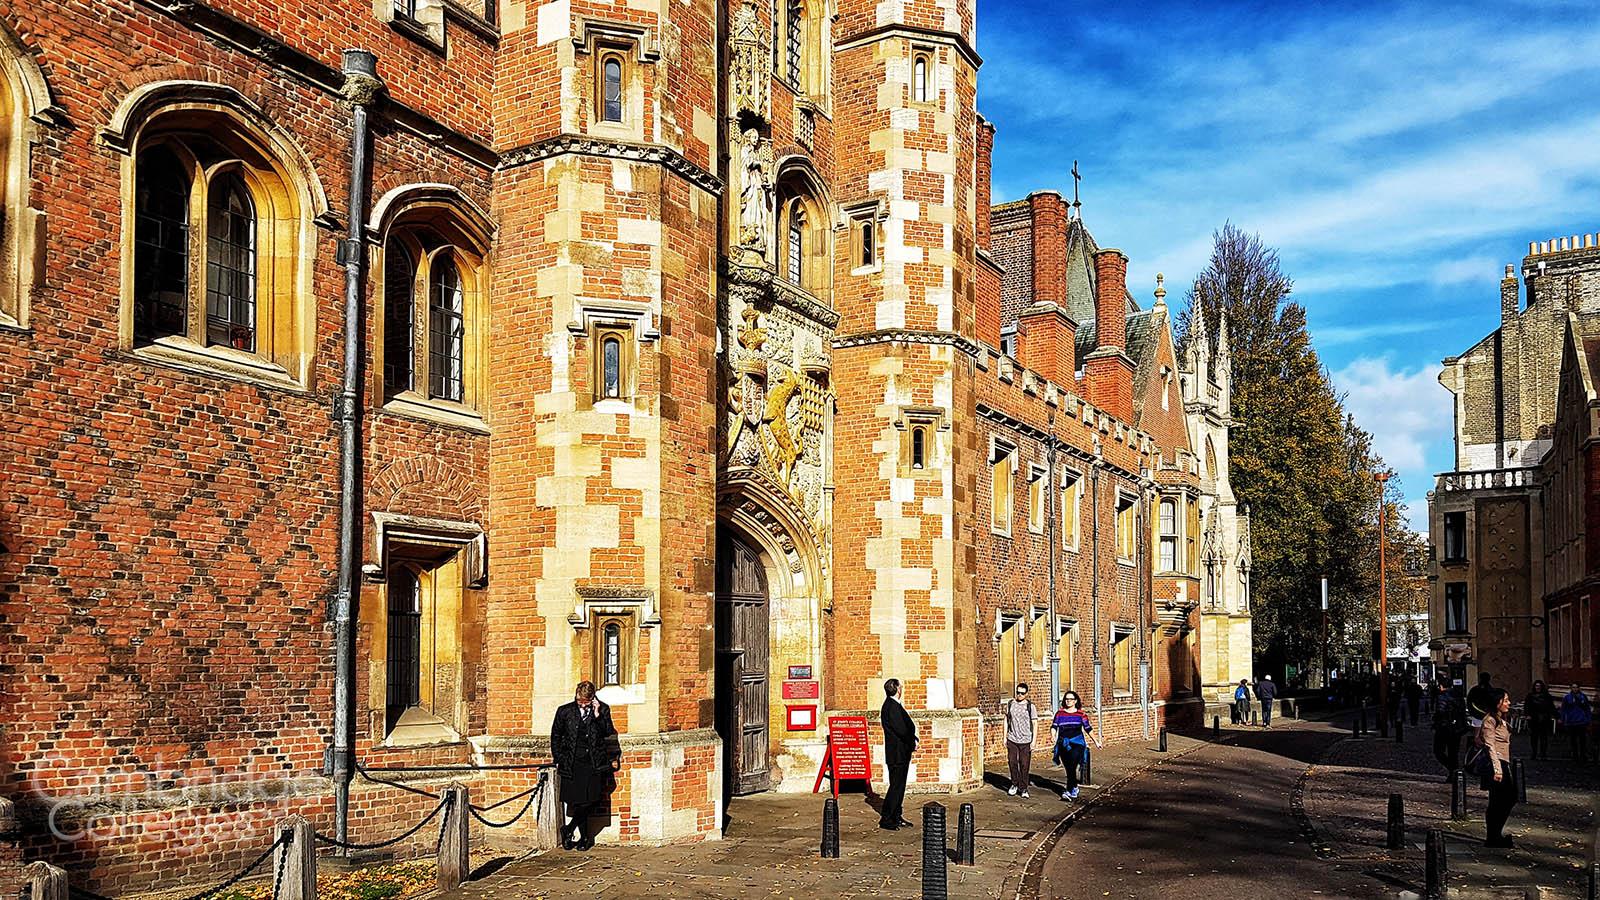 St John's great gate, seen from St John's street